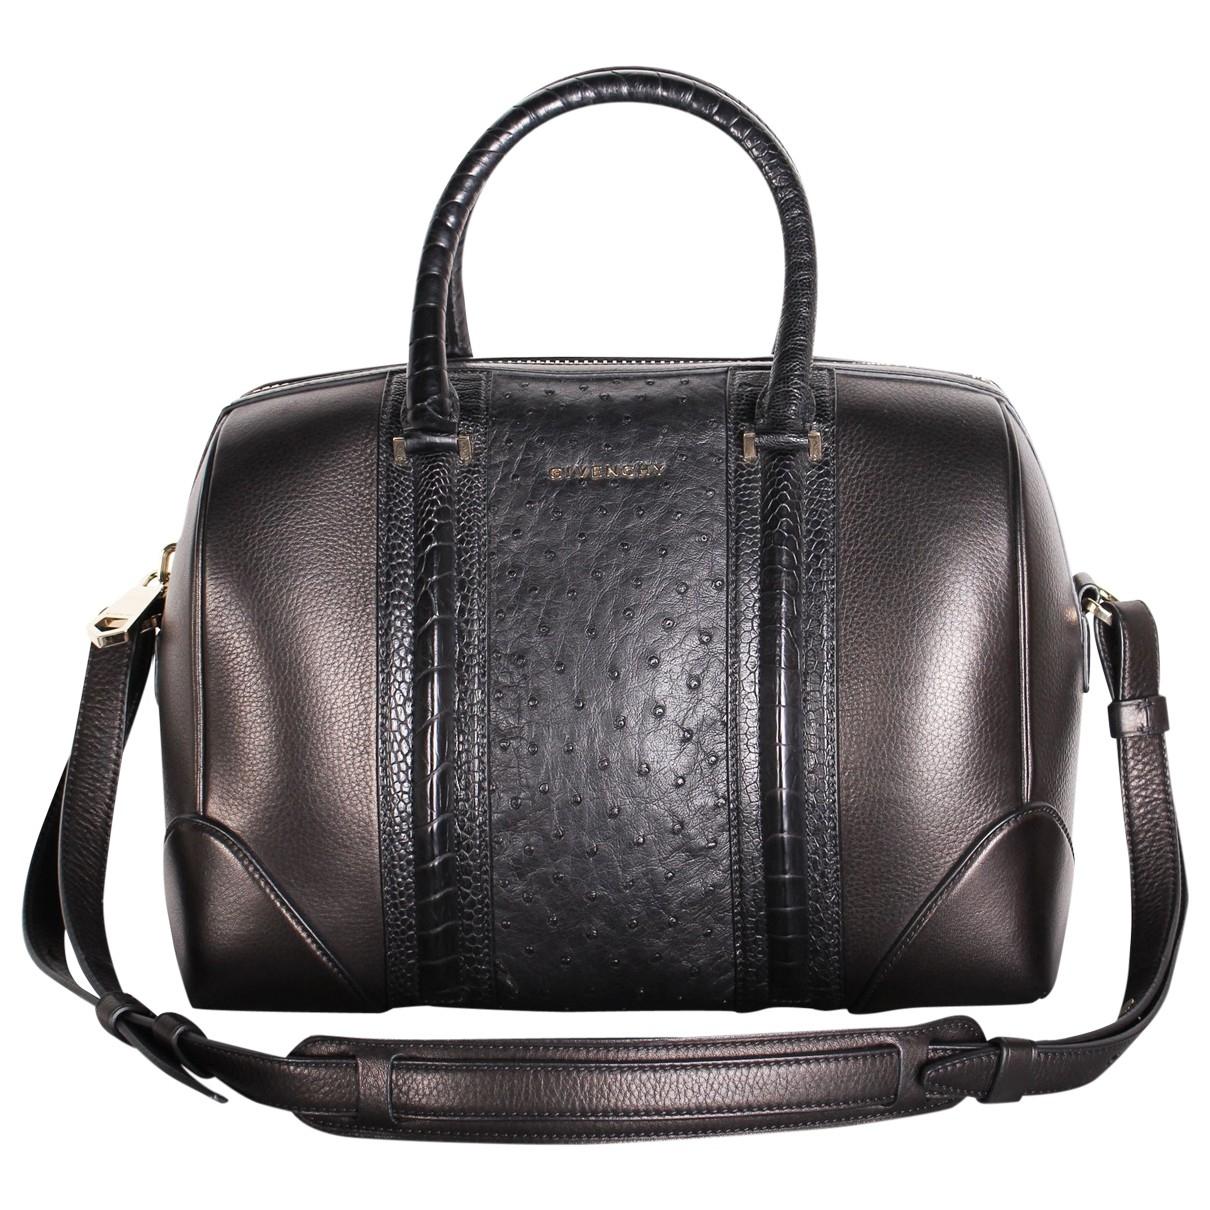 Givenchy Lucrezia Handtasche in  Schwarz Vogelstrauss